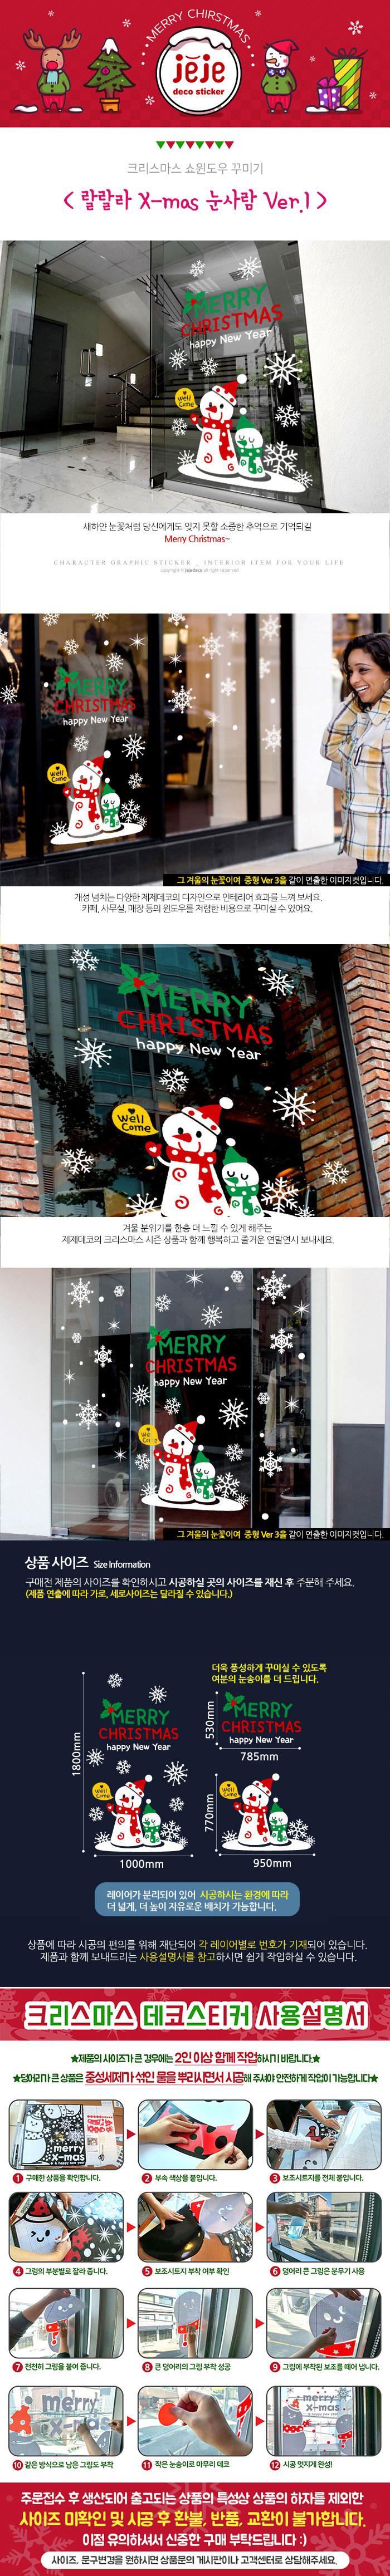 크리스마스 시트지 눈꽃 스티커 19CMJS5034 - 제제데코, 34,000원, 월데코스티커, 계절/시즌